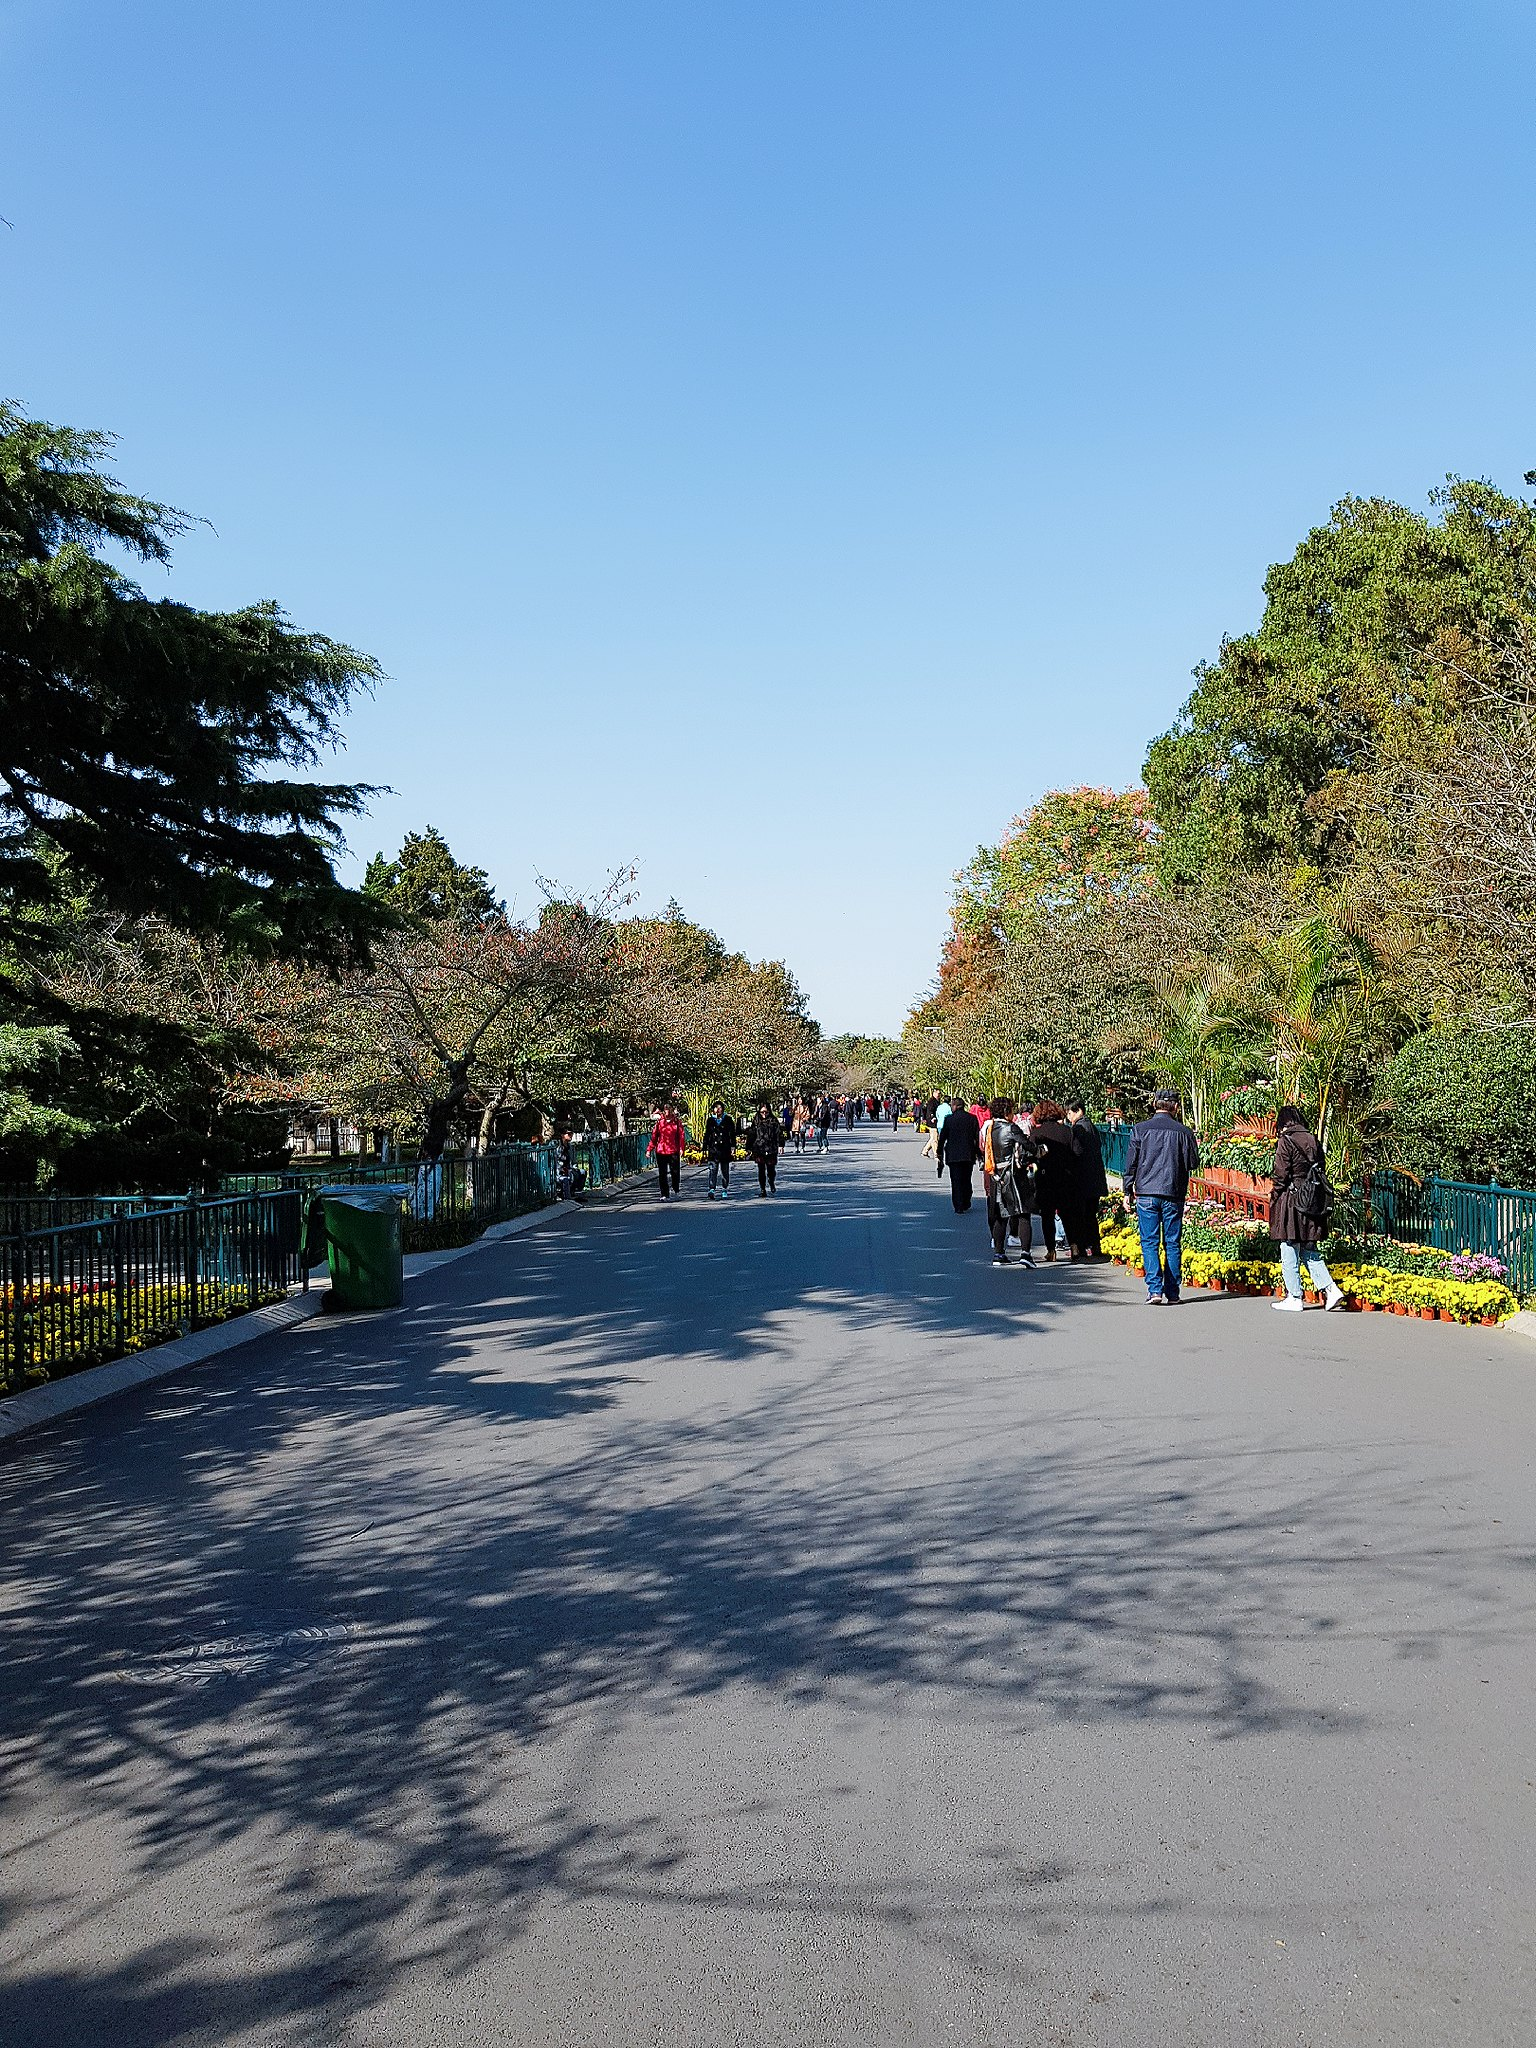 Tsingtao